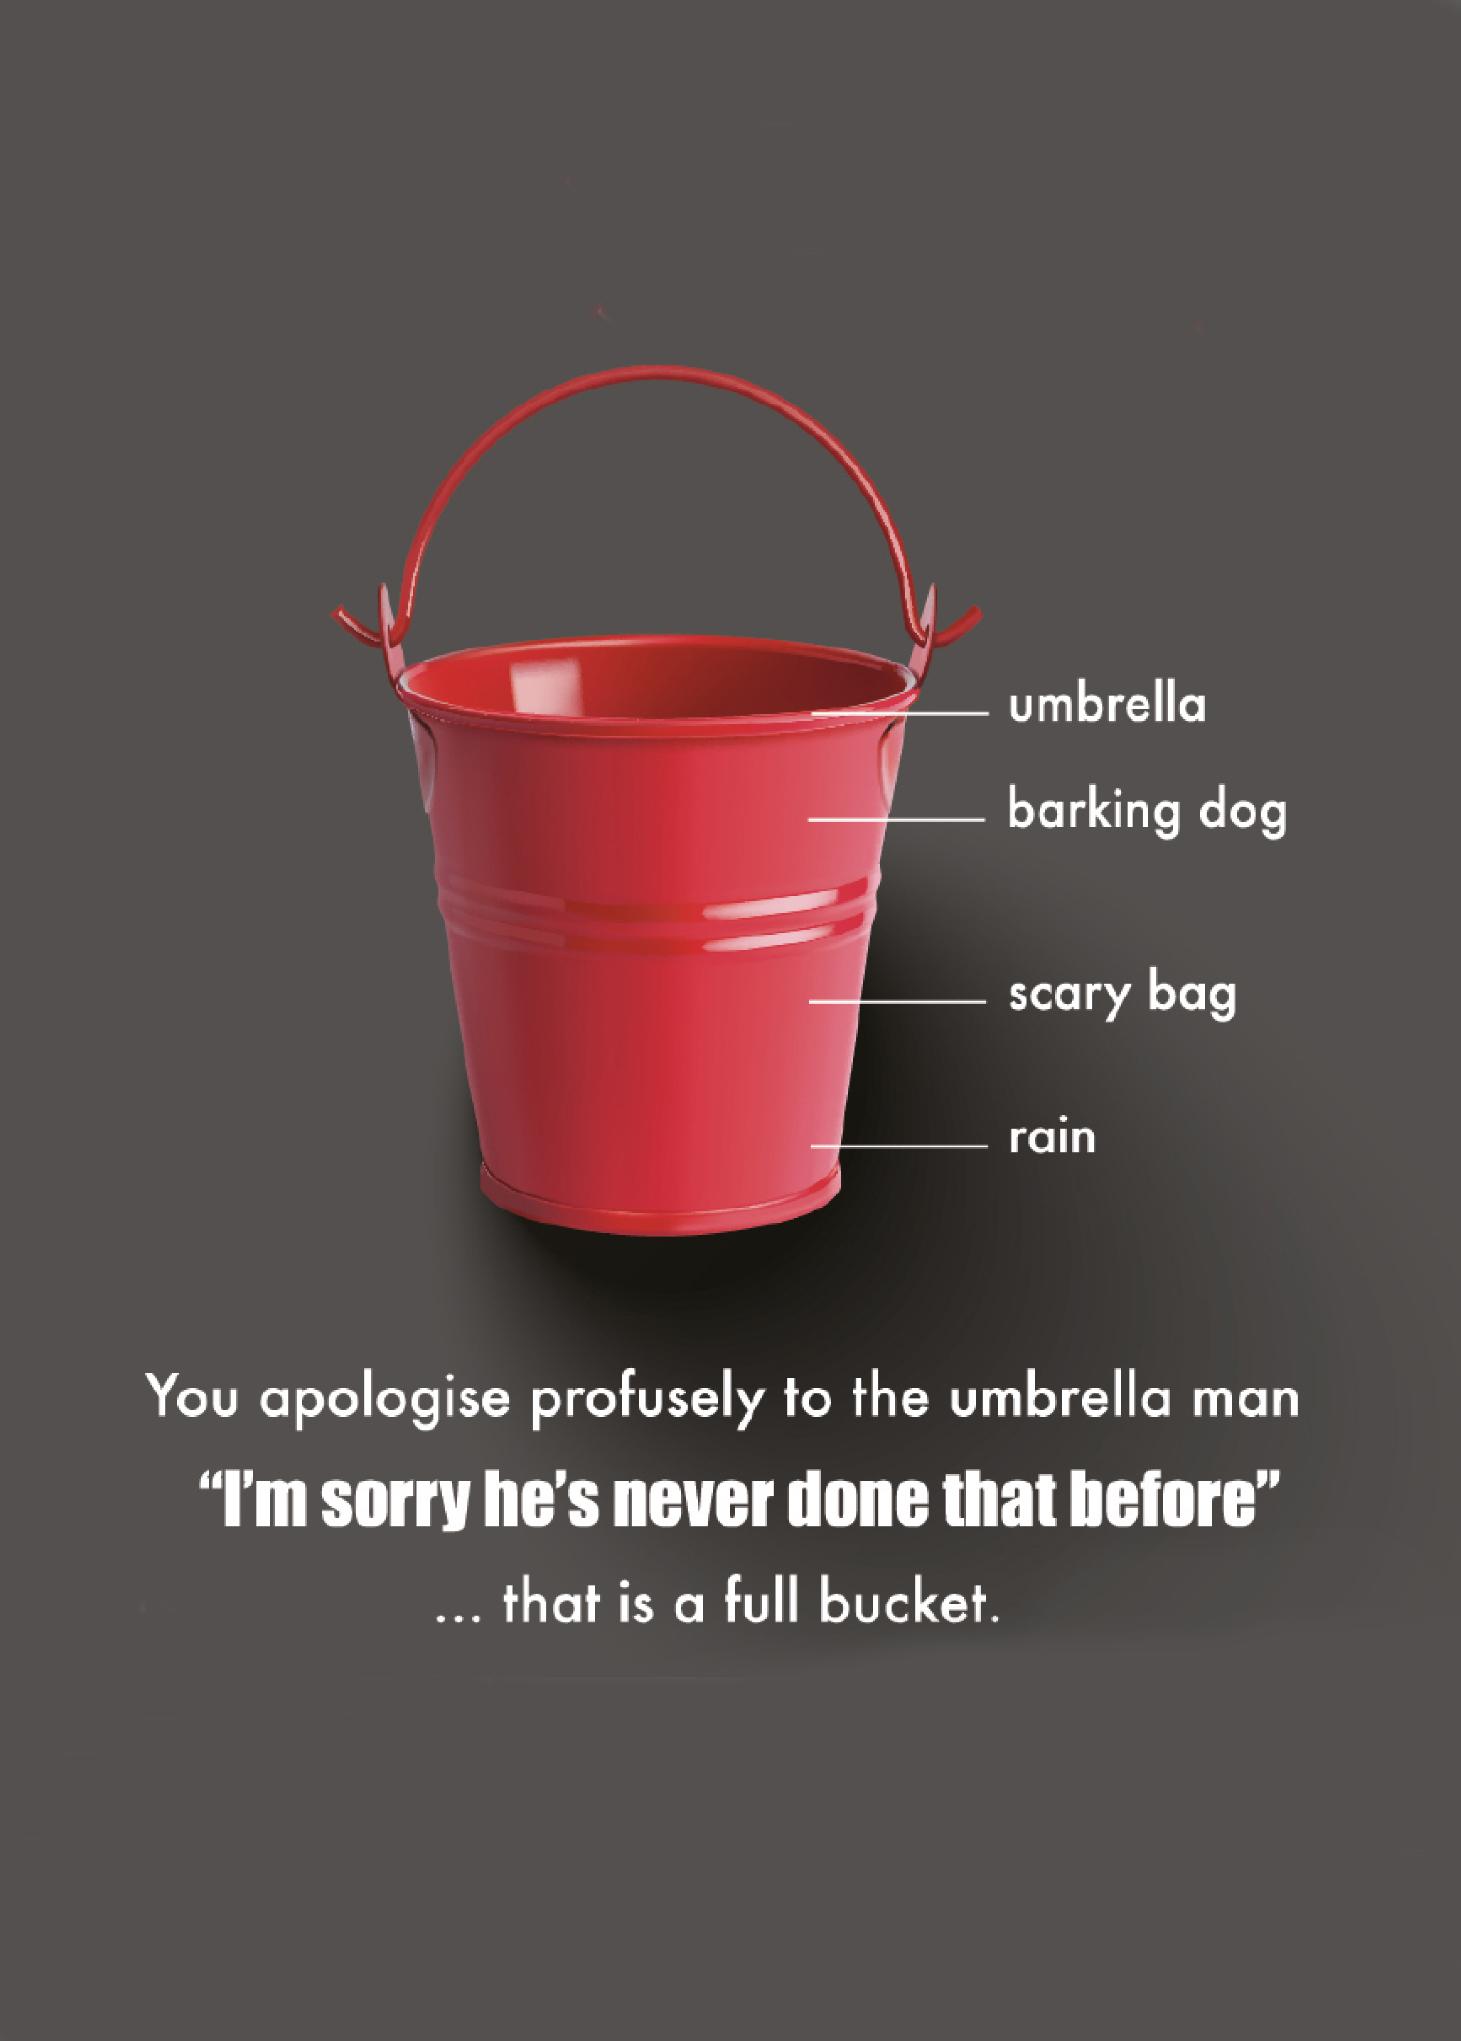 A full bucket